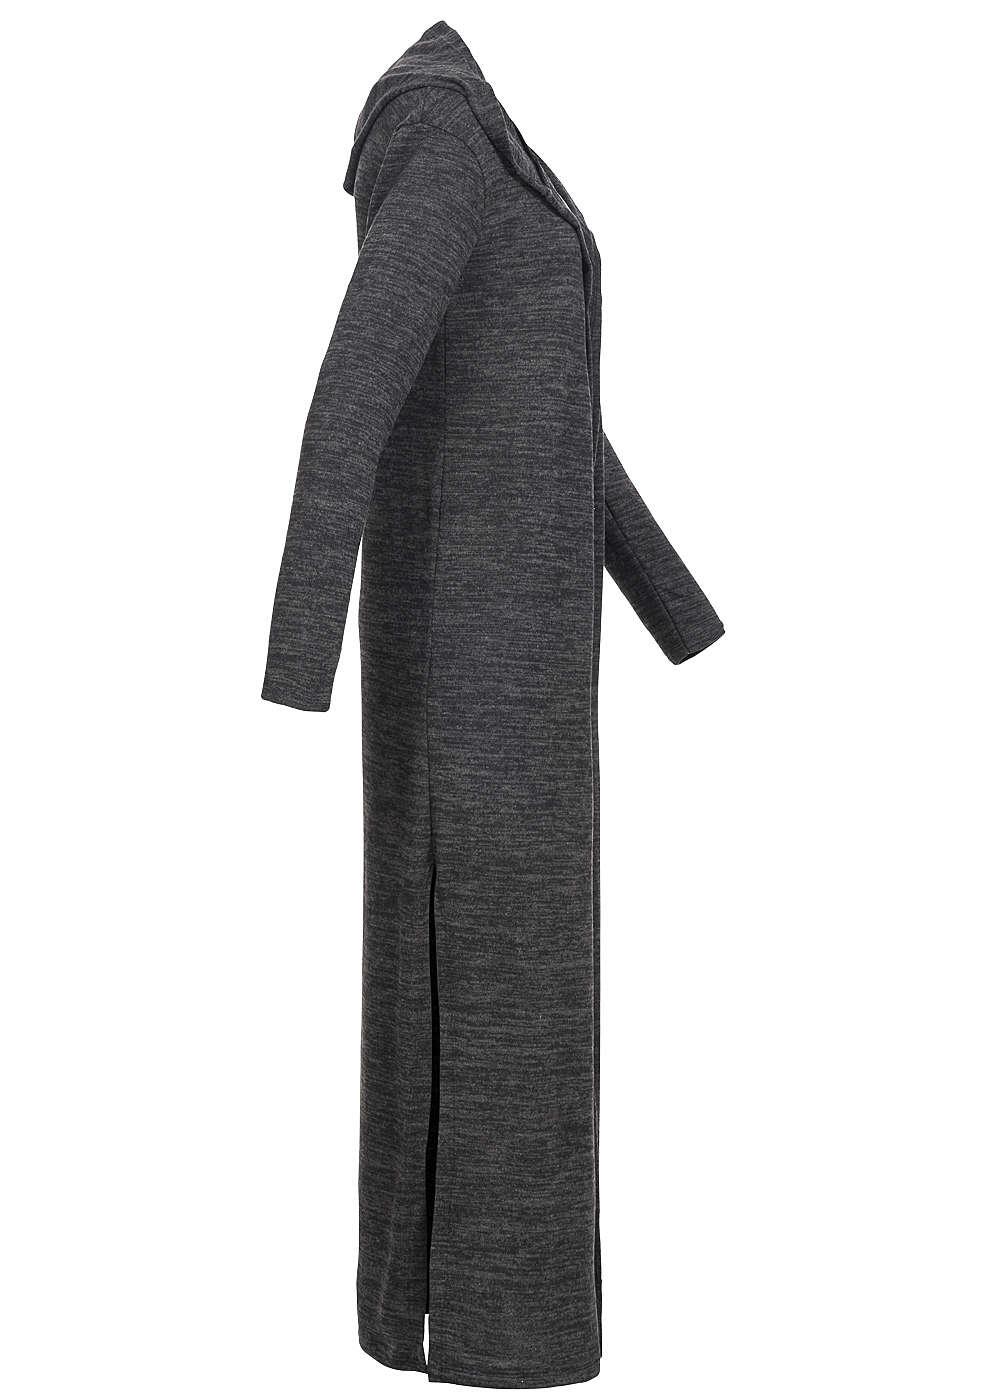 kleidung accessoires damenmode pullover strick. Black Bedroom Furniture Sets. Home Design Ideas